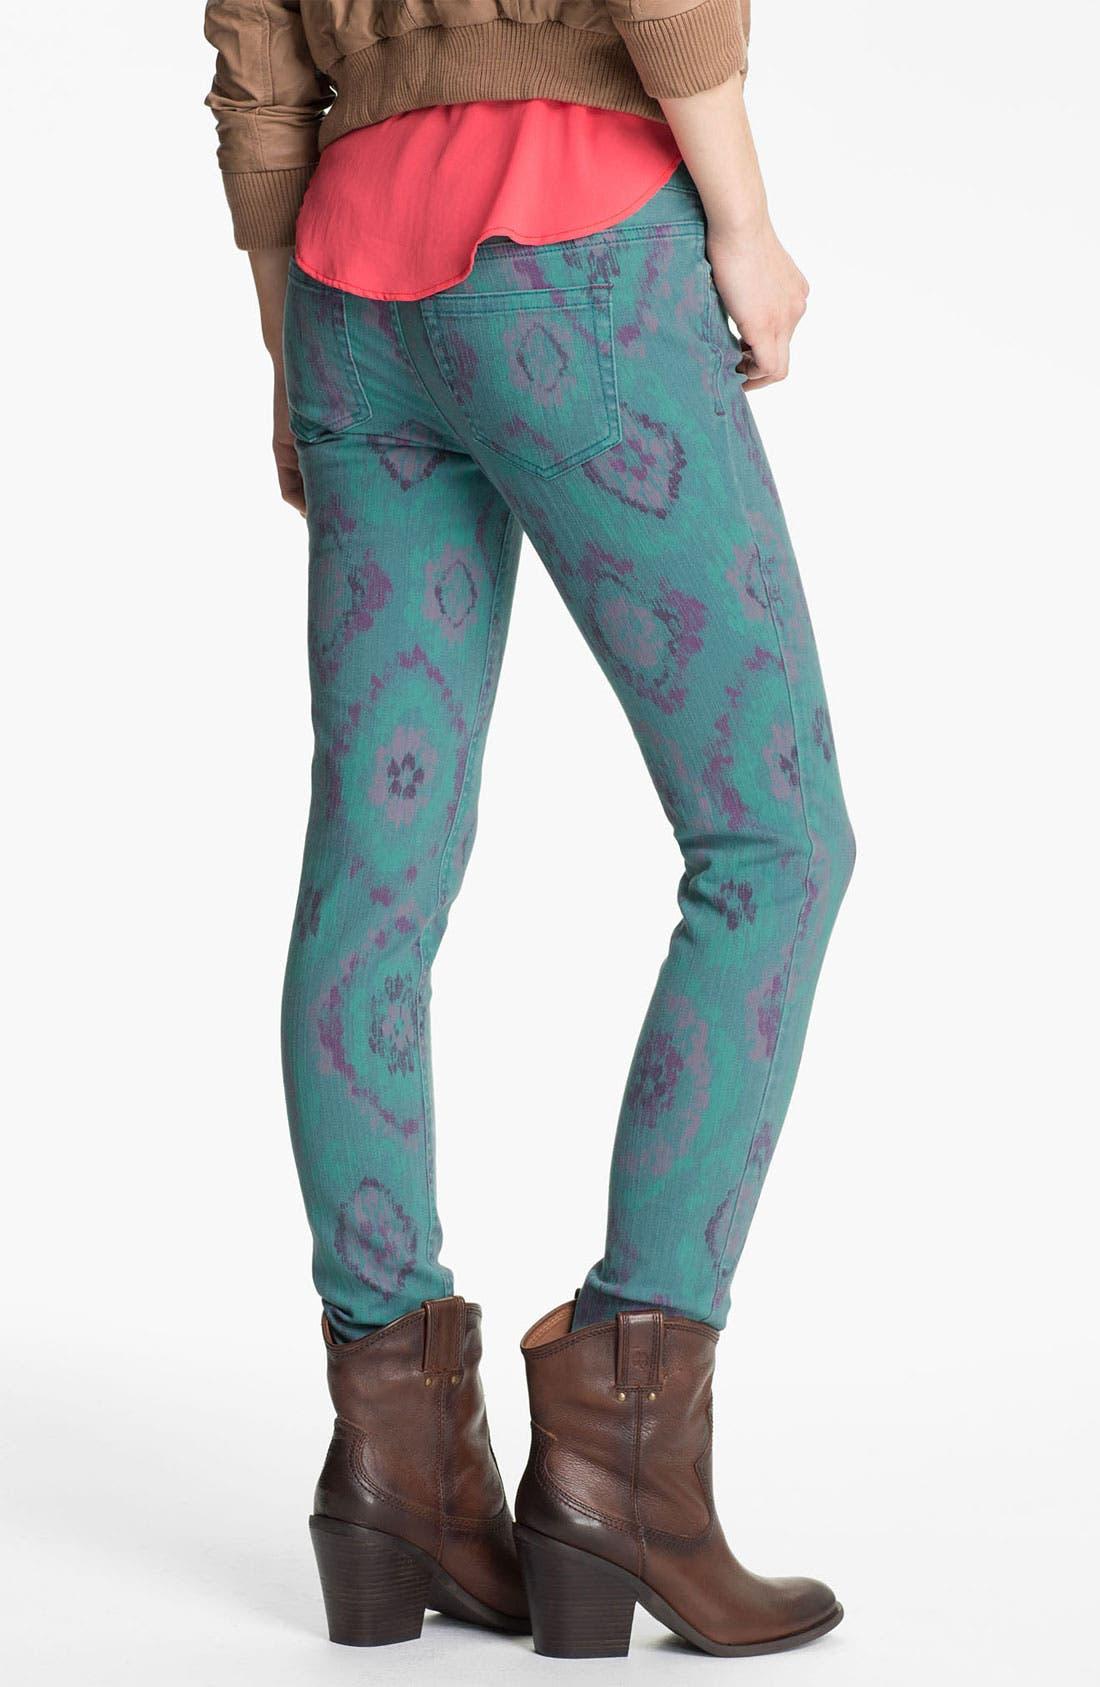 Alternate Image 1 Selected - Fire Print Skinny Jeans (Teal Ikat) (Juniors)